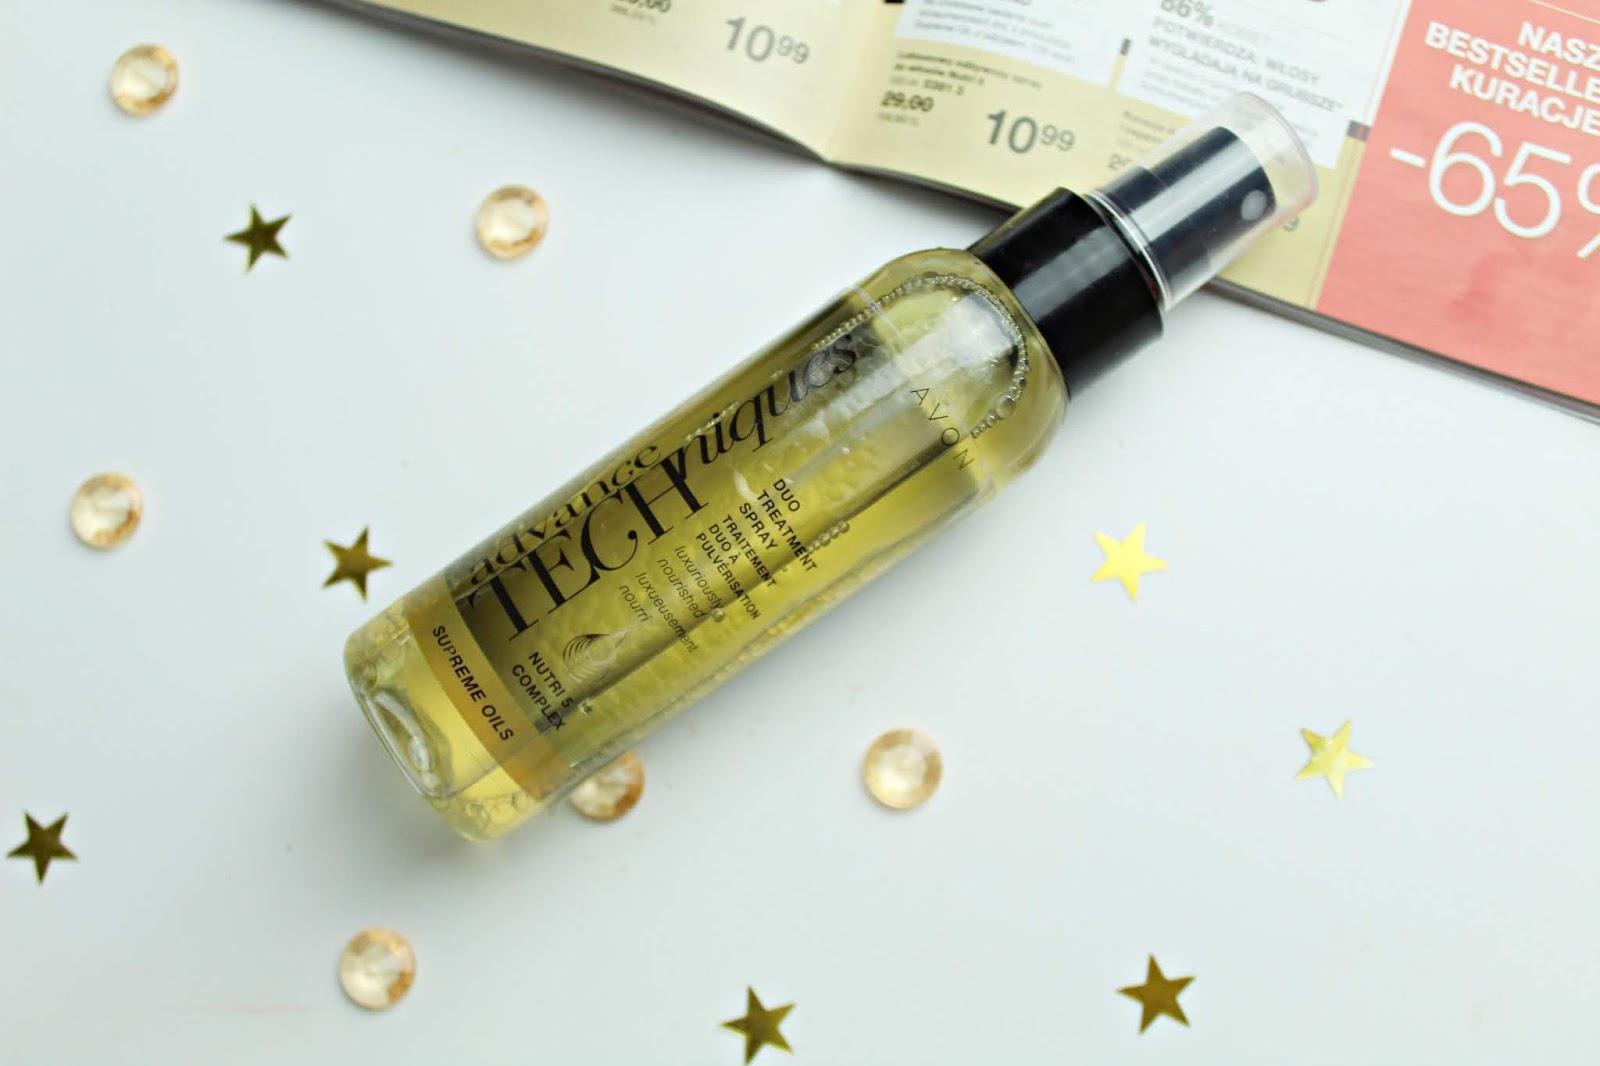 Luksusowy odżywczy spray do włosów Nutri5 Avon